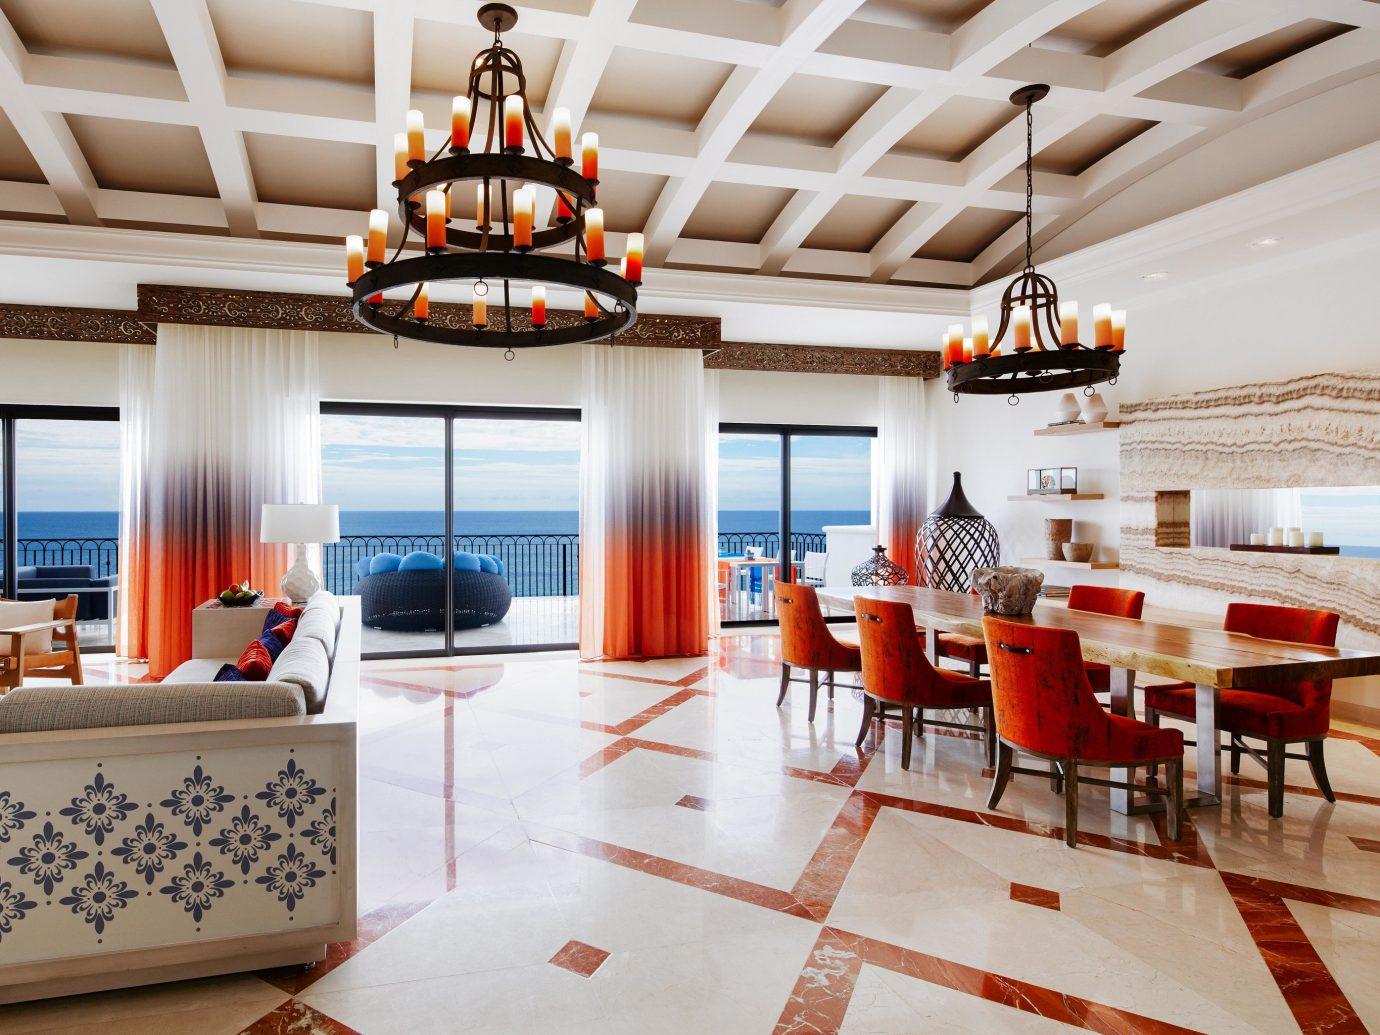 Budget Hotels indoor floor ceiling room property Living restaurant Resort estate interior design Design real estate home orange furniture several